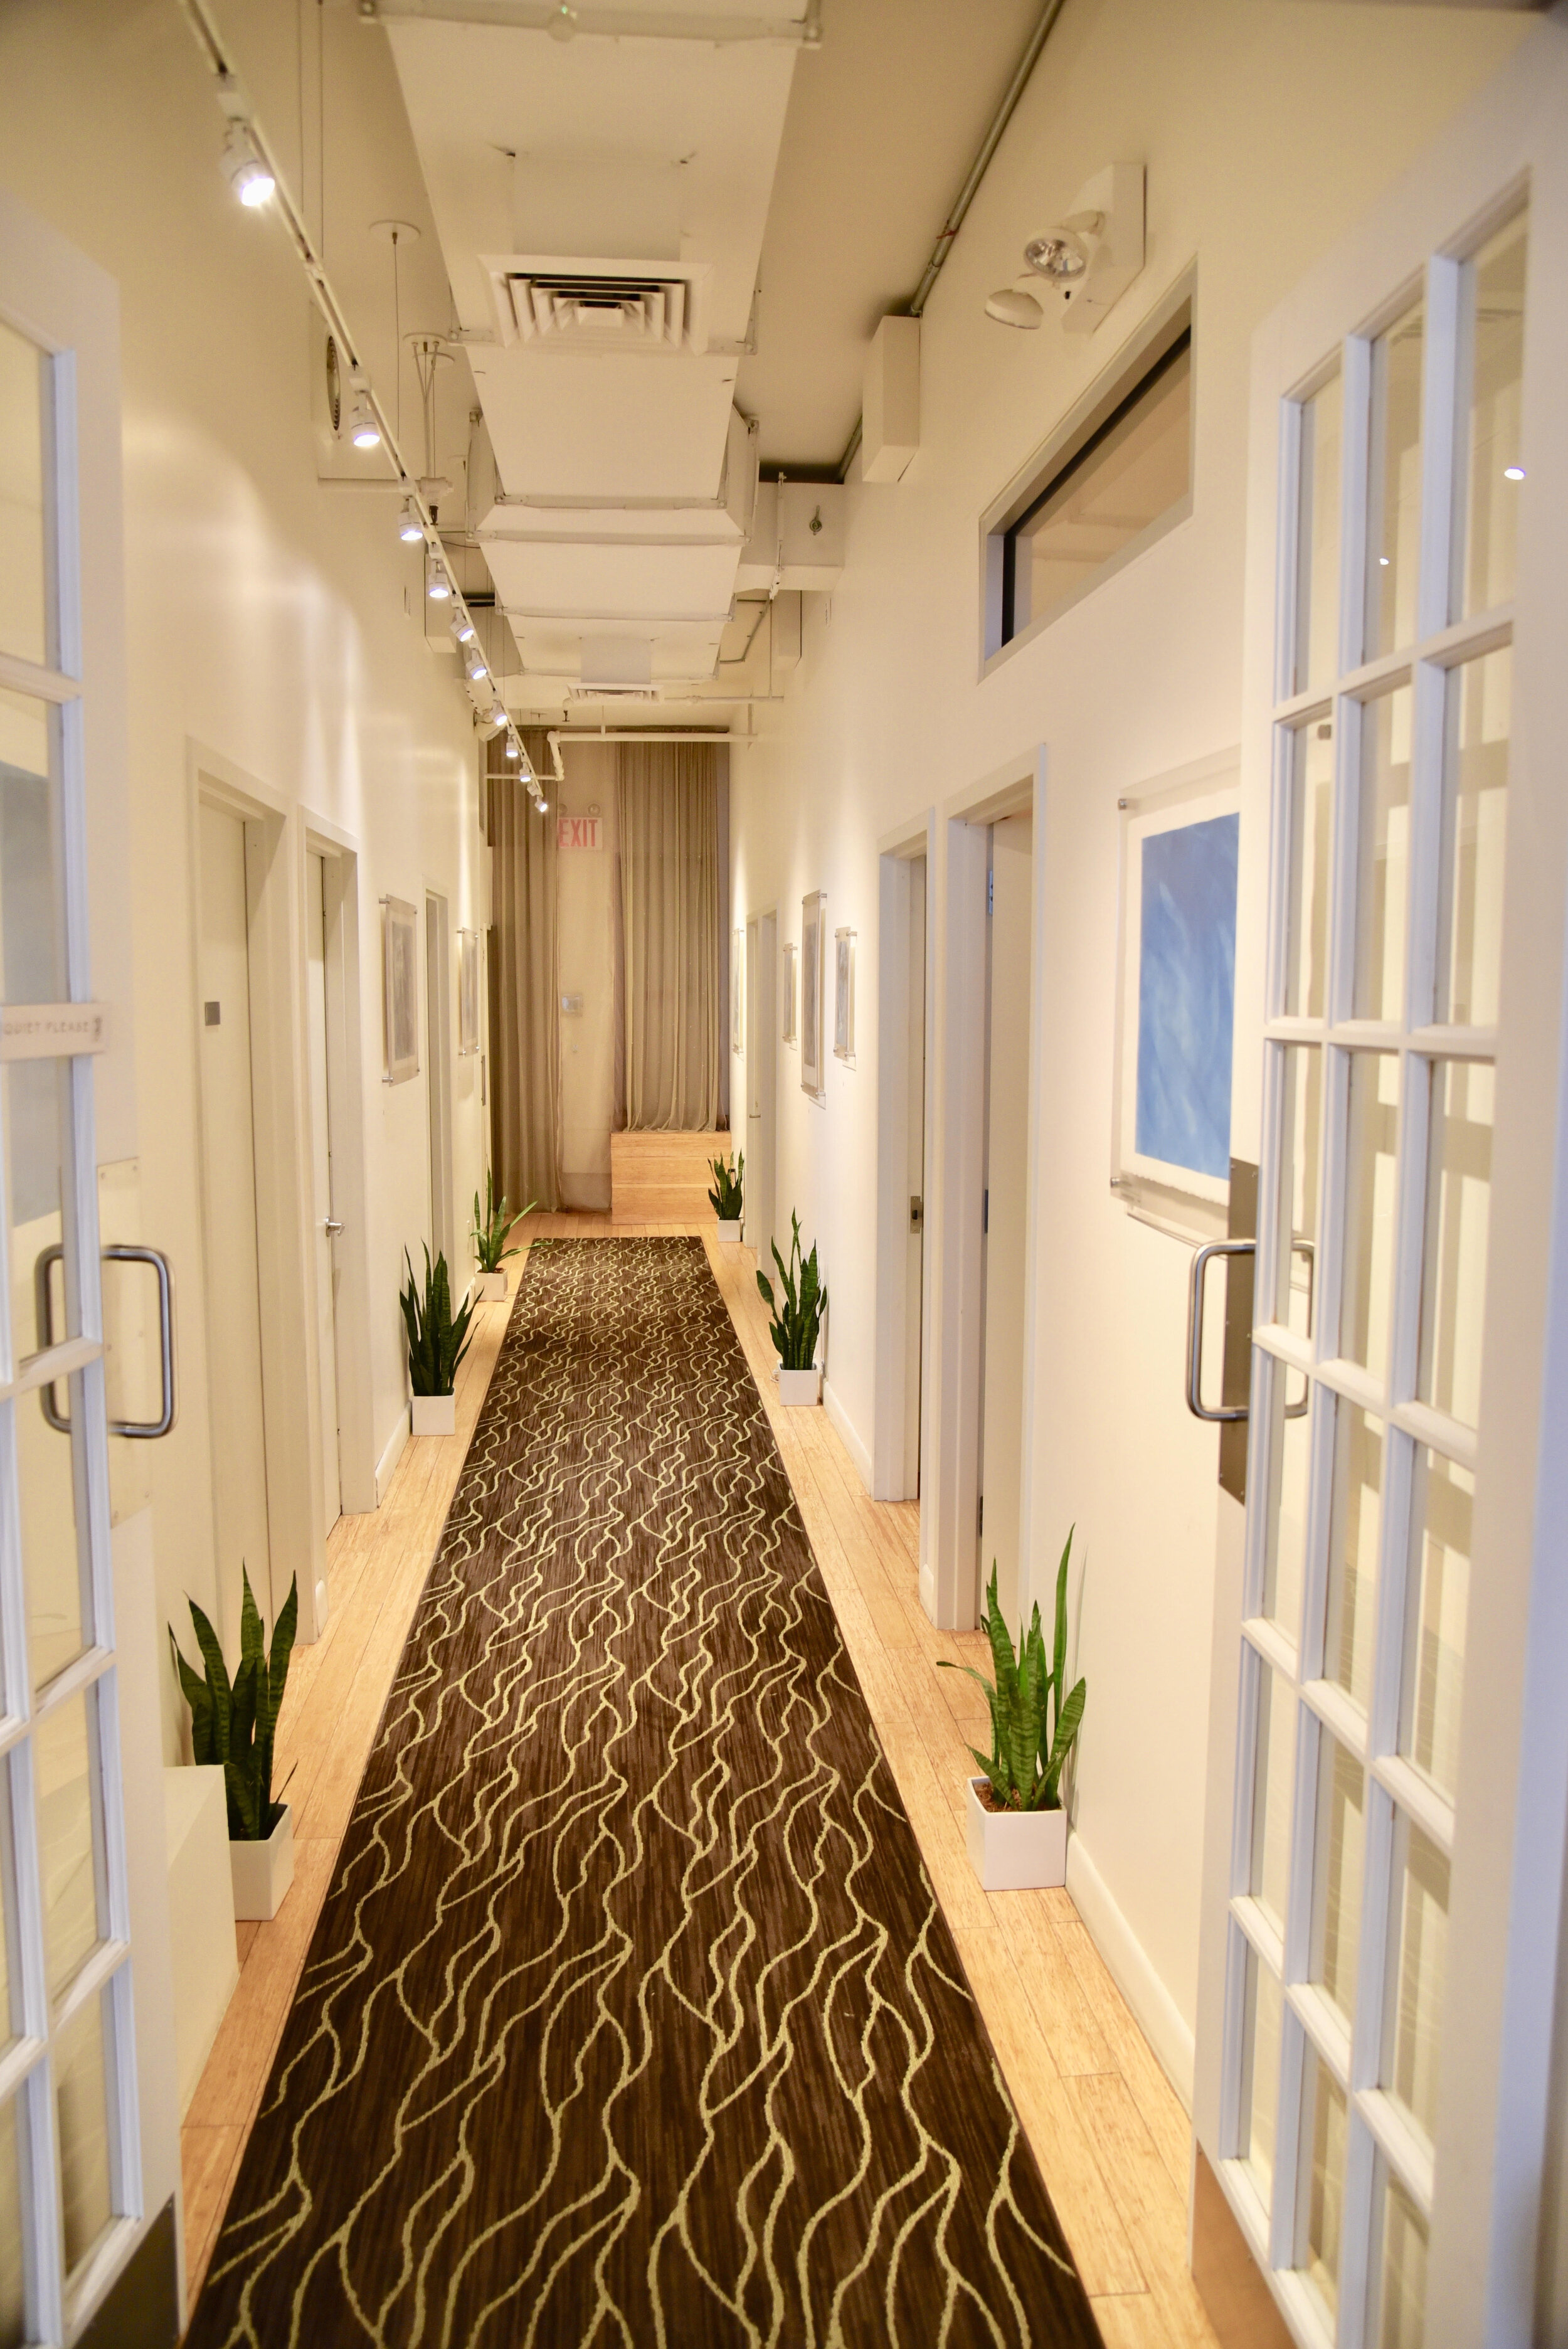 q2_hallway.jpg